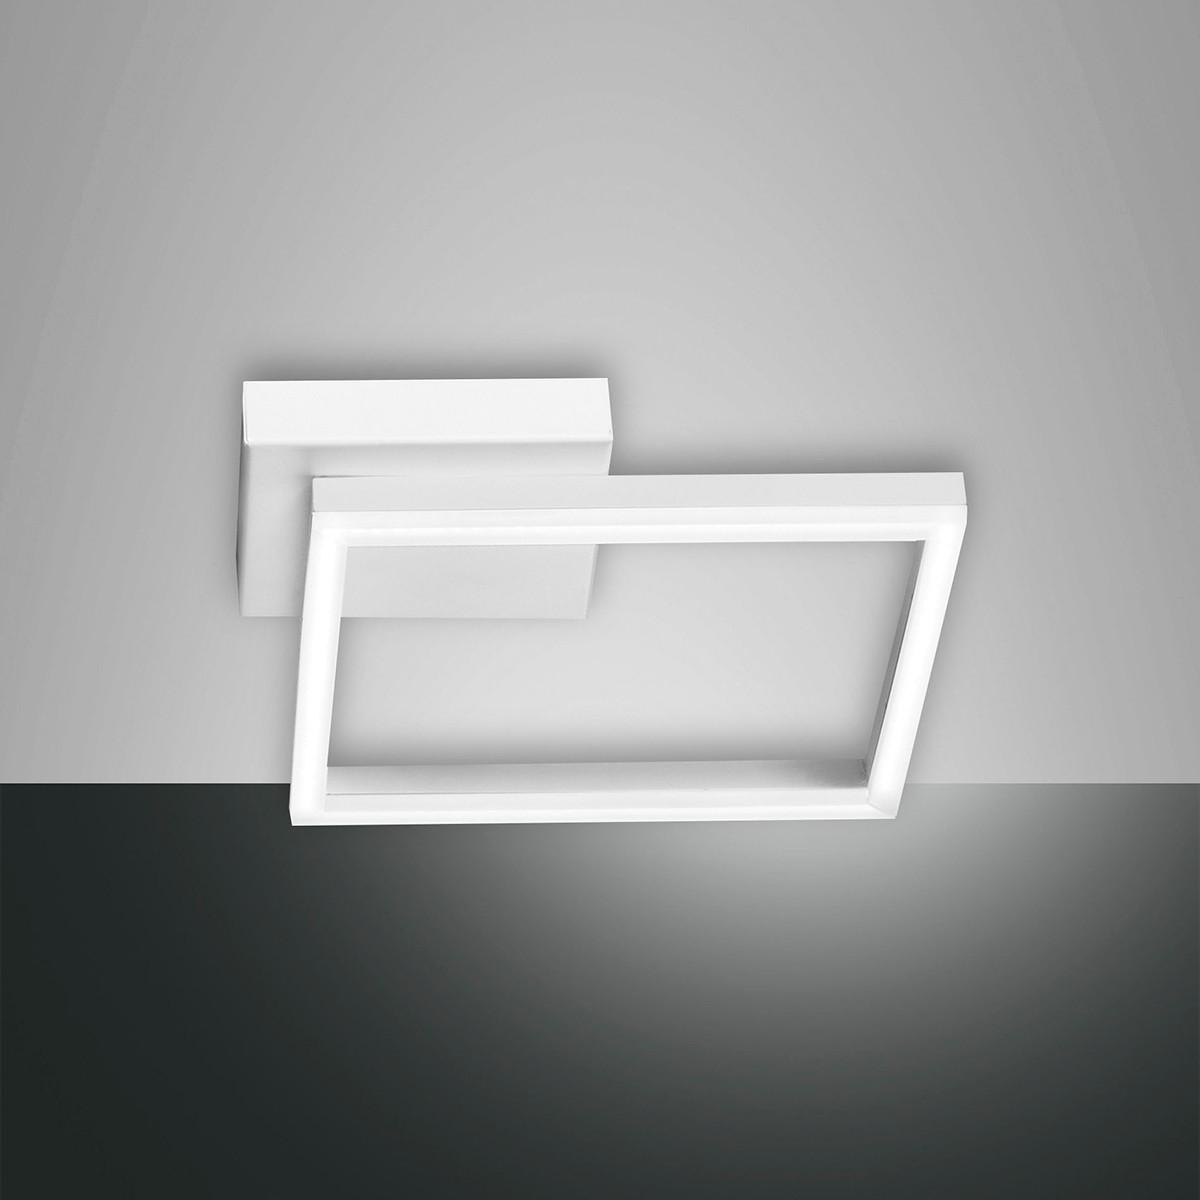 Fabas Luce Bard 3394-21 LED Wand- / Deckenleuchte, weiß